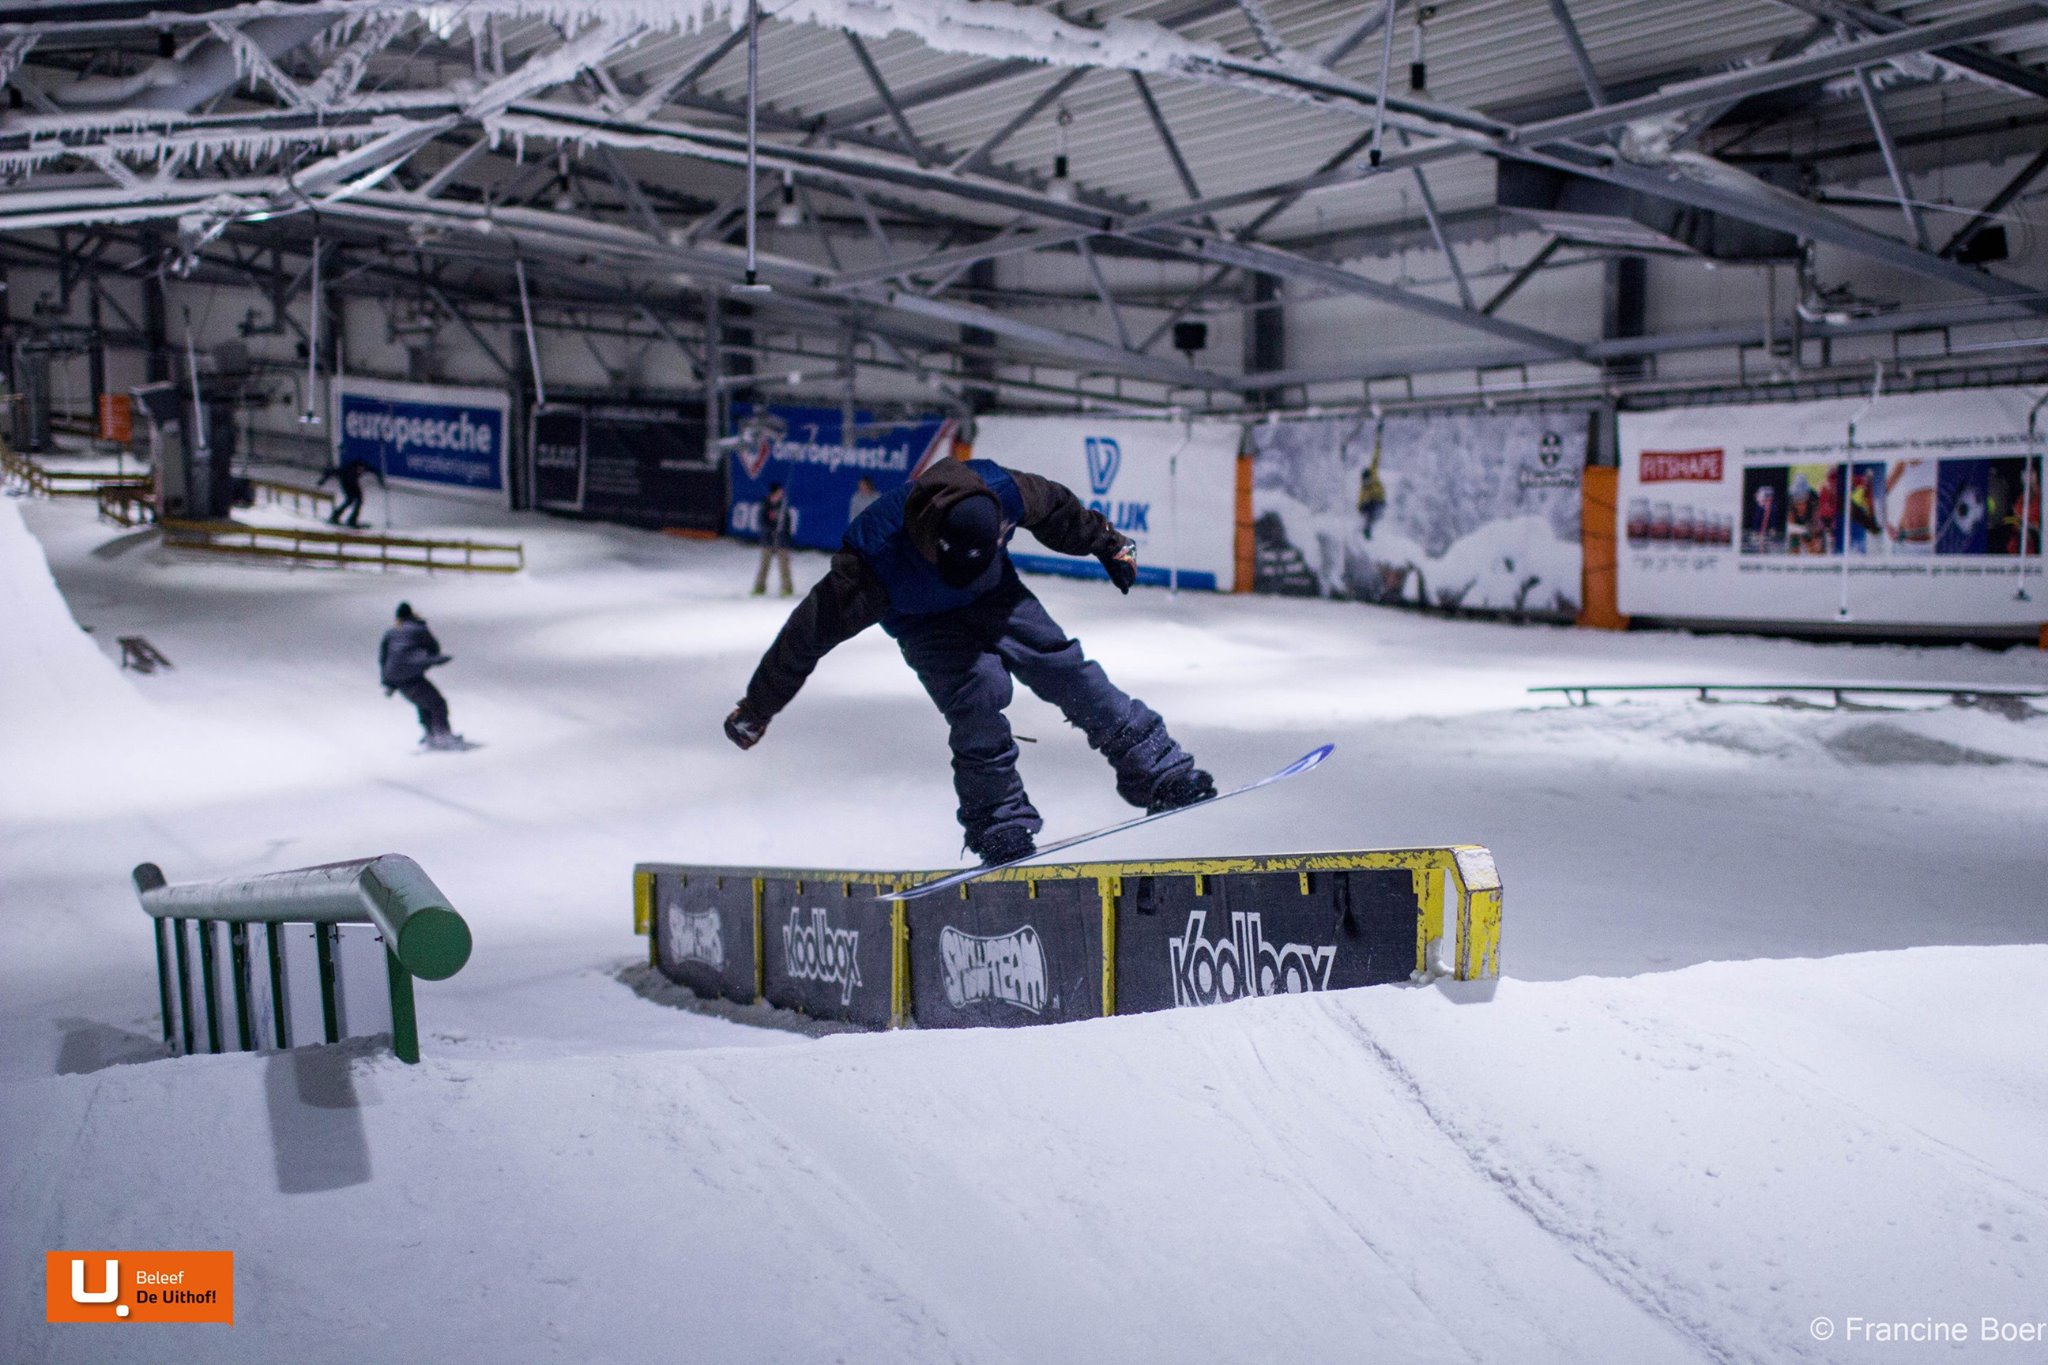 uithof scneeuwbaan